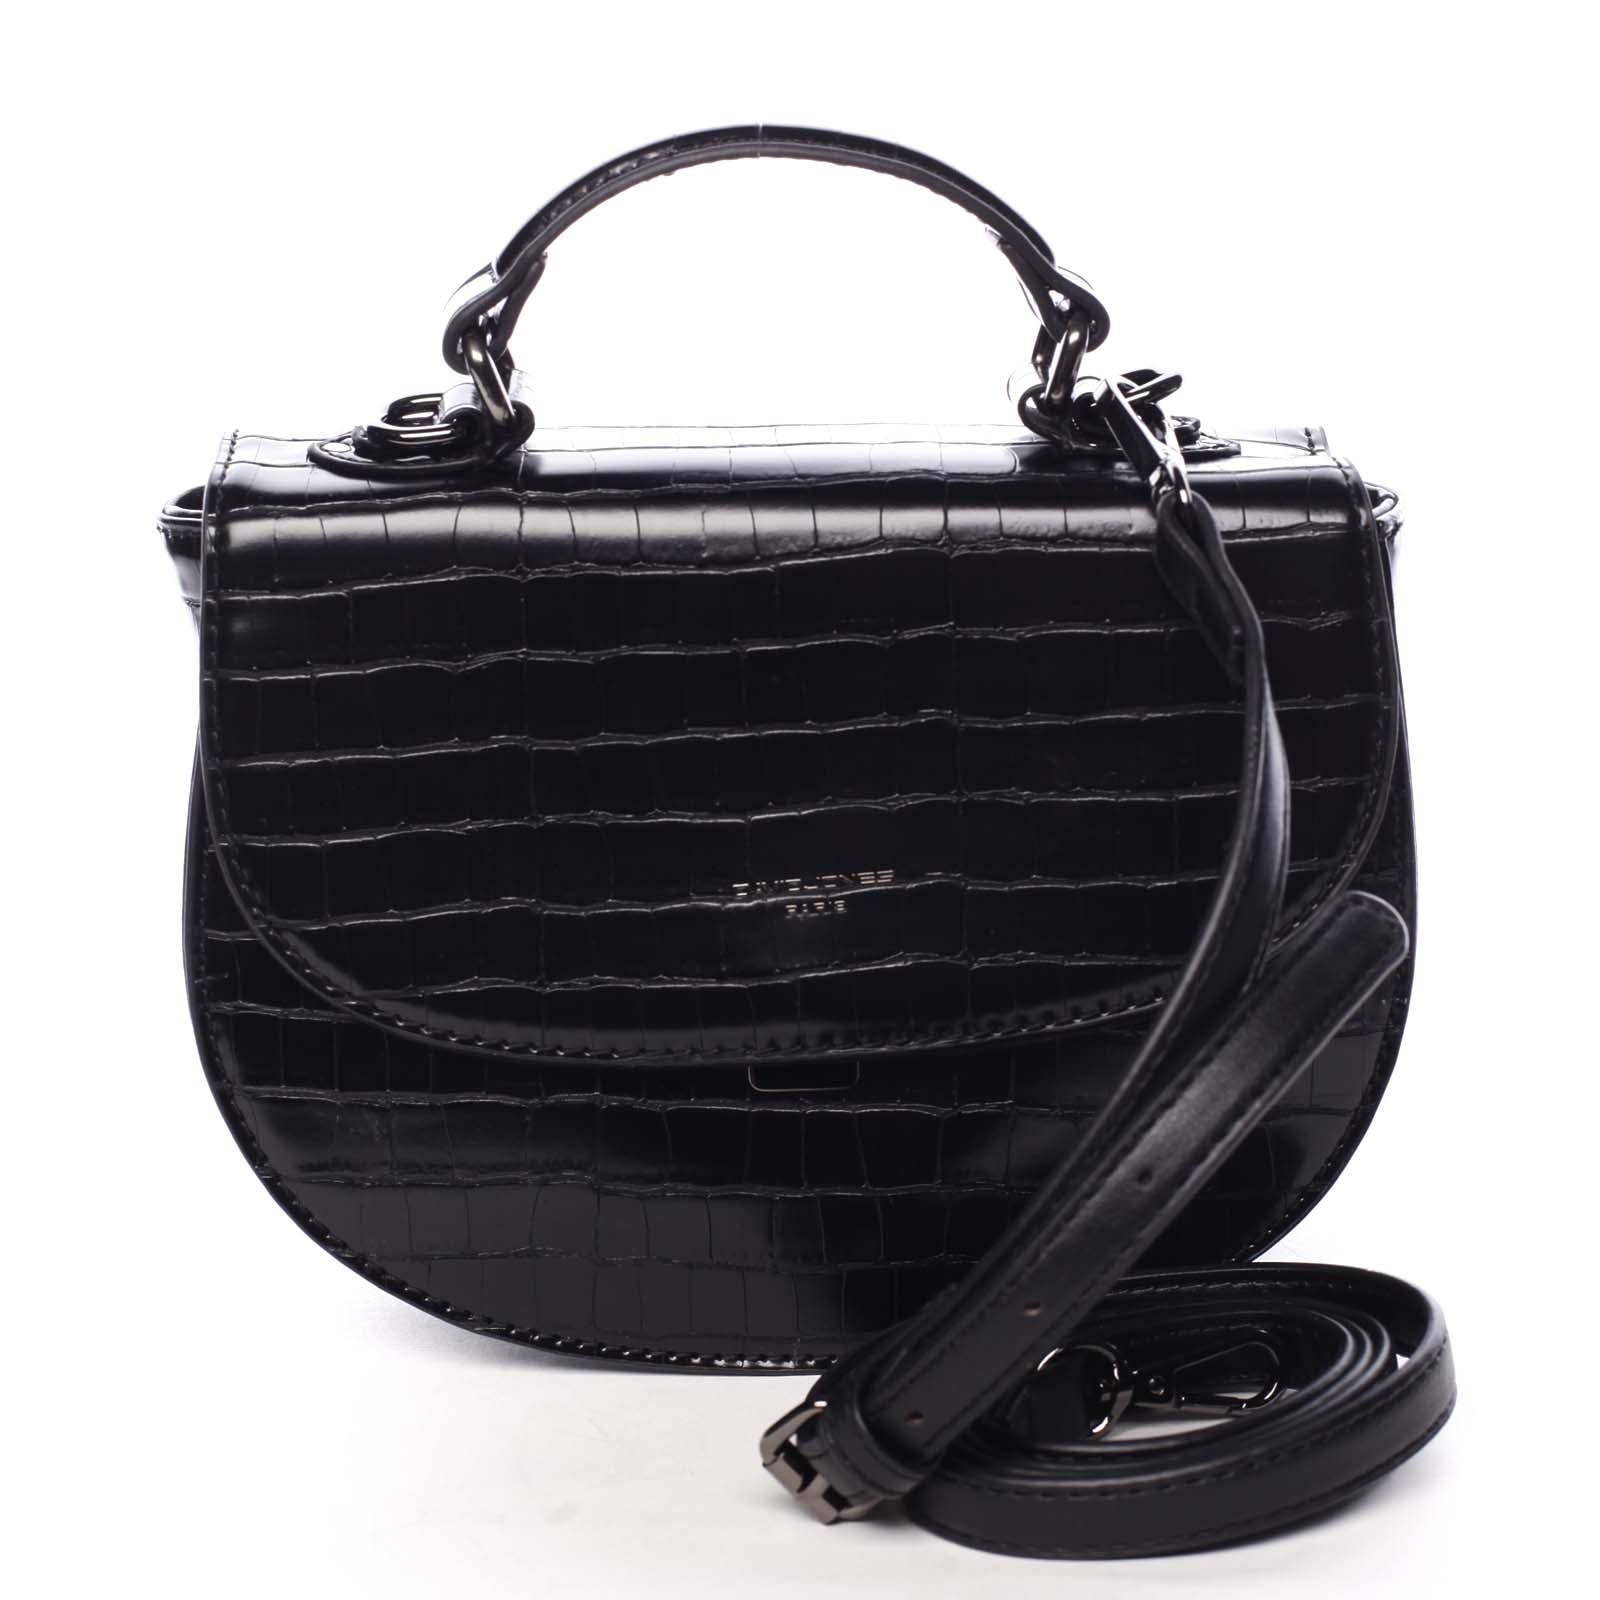 Dámská kabelka do ruky černá - David Jones Cosette